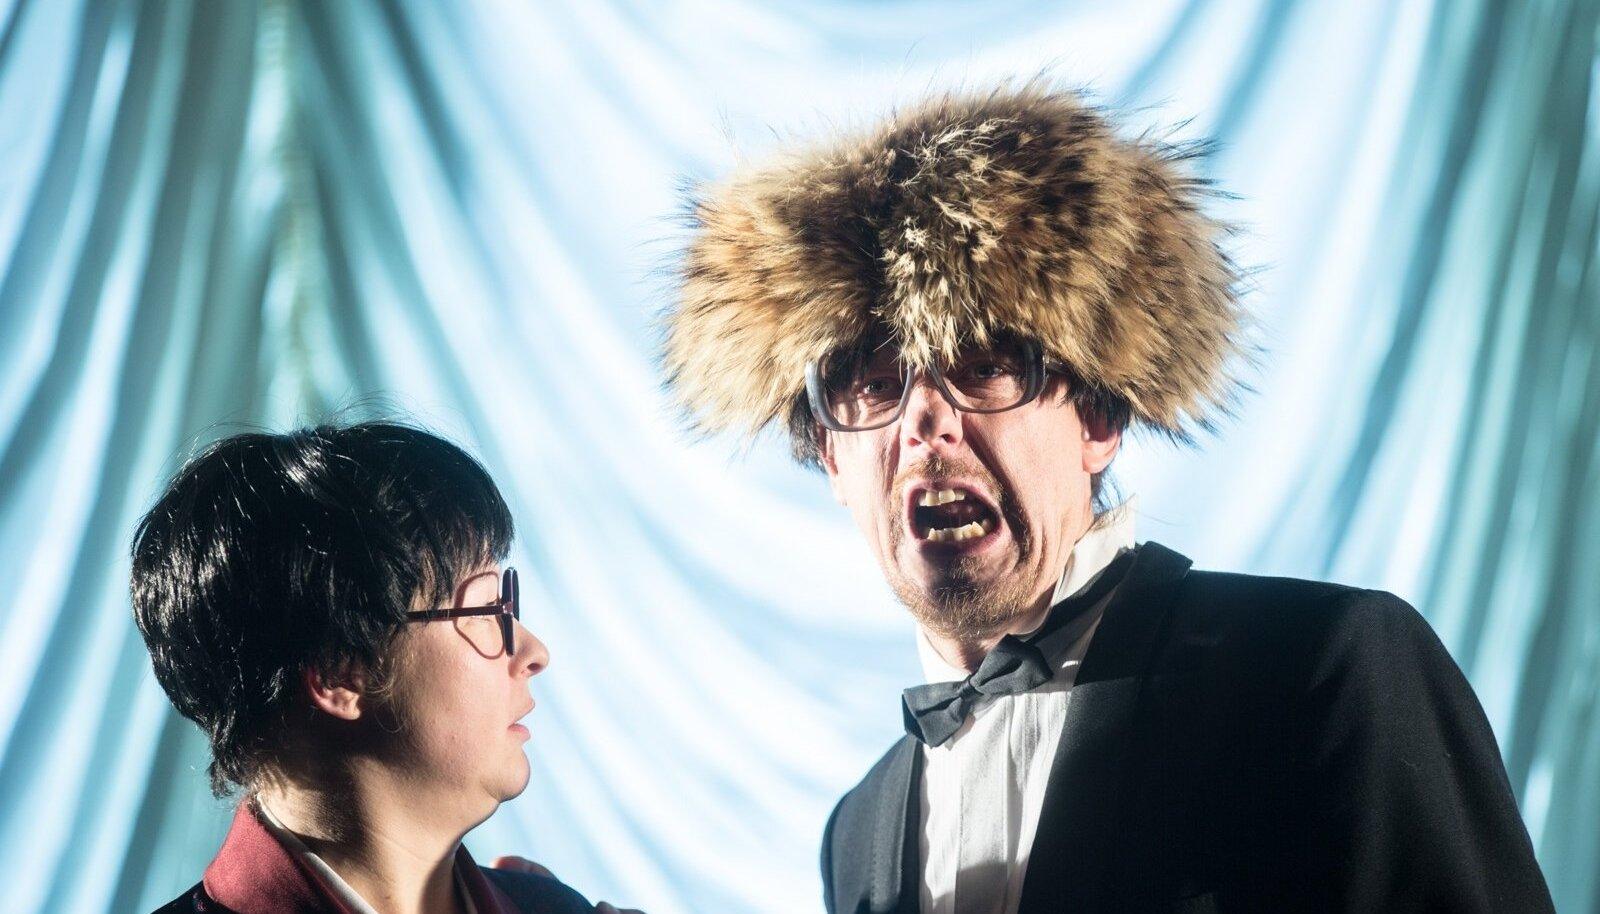 """""""Baskin ehk Nalja põhivormid"""" (osades Katrin Pärn ja Janek Joost) on Eesti teatris tähelepanuväärne juhtum, kus tegijad esitavad julgelt kodumaist klassikalist komöödiat."""